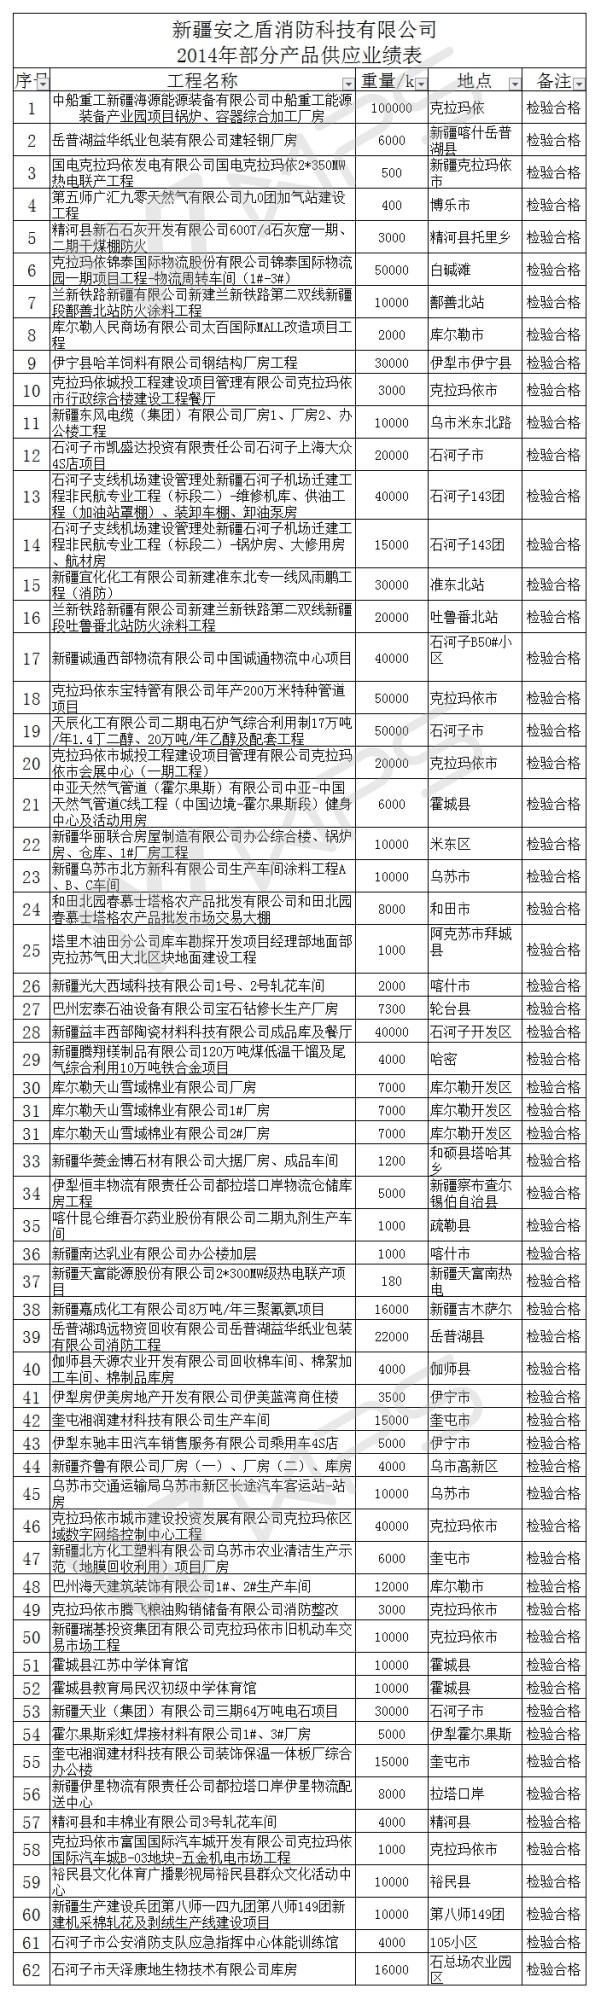 新疆安之盾消防科技有限公司 2014年部分产品供应业绩表